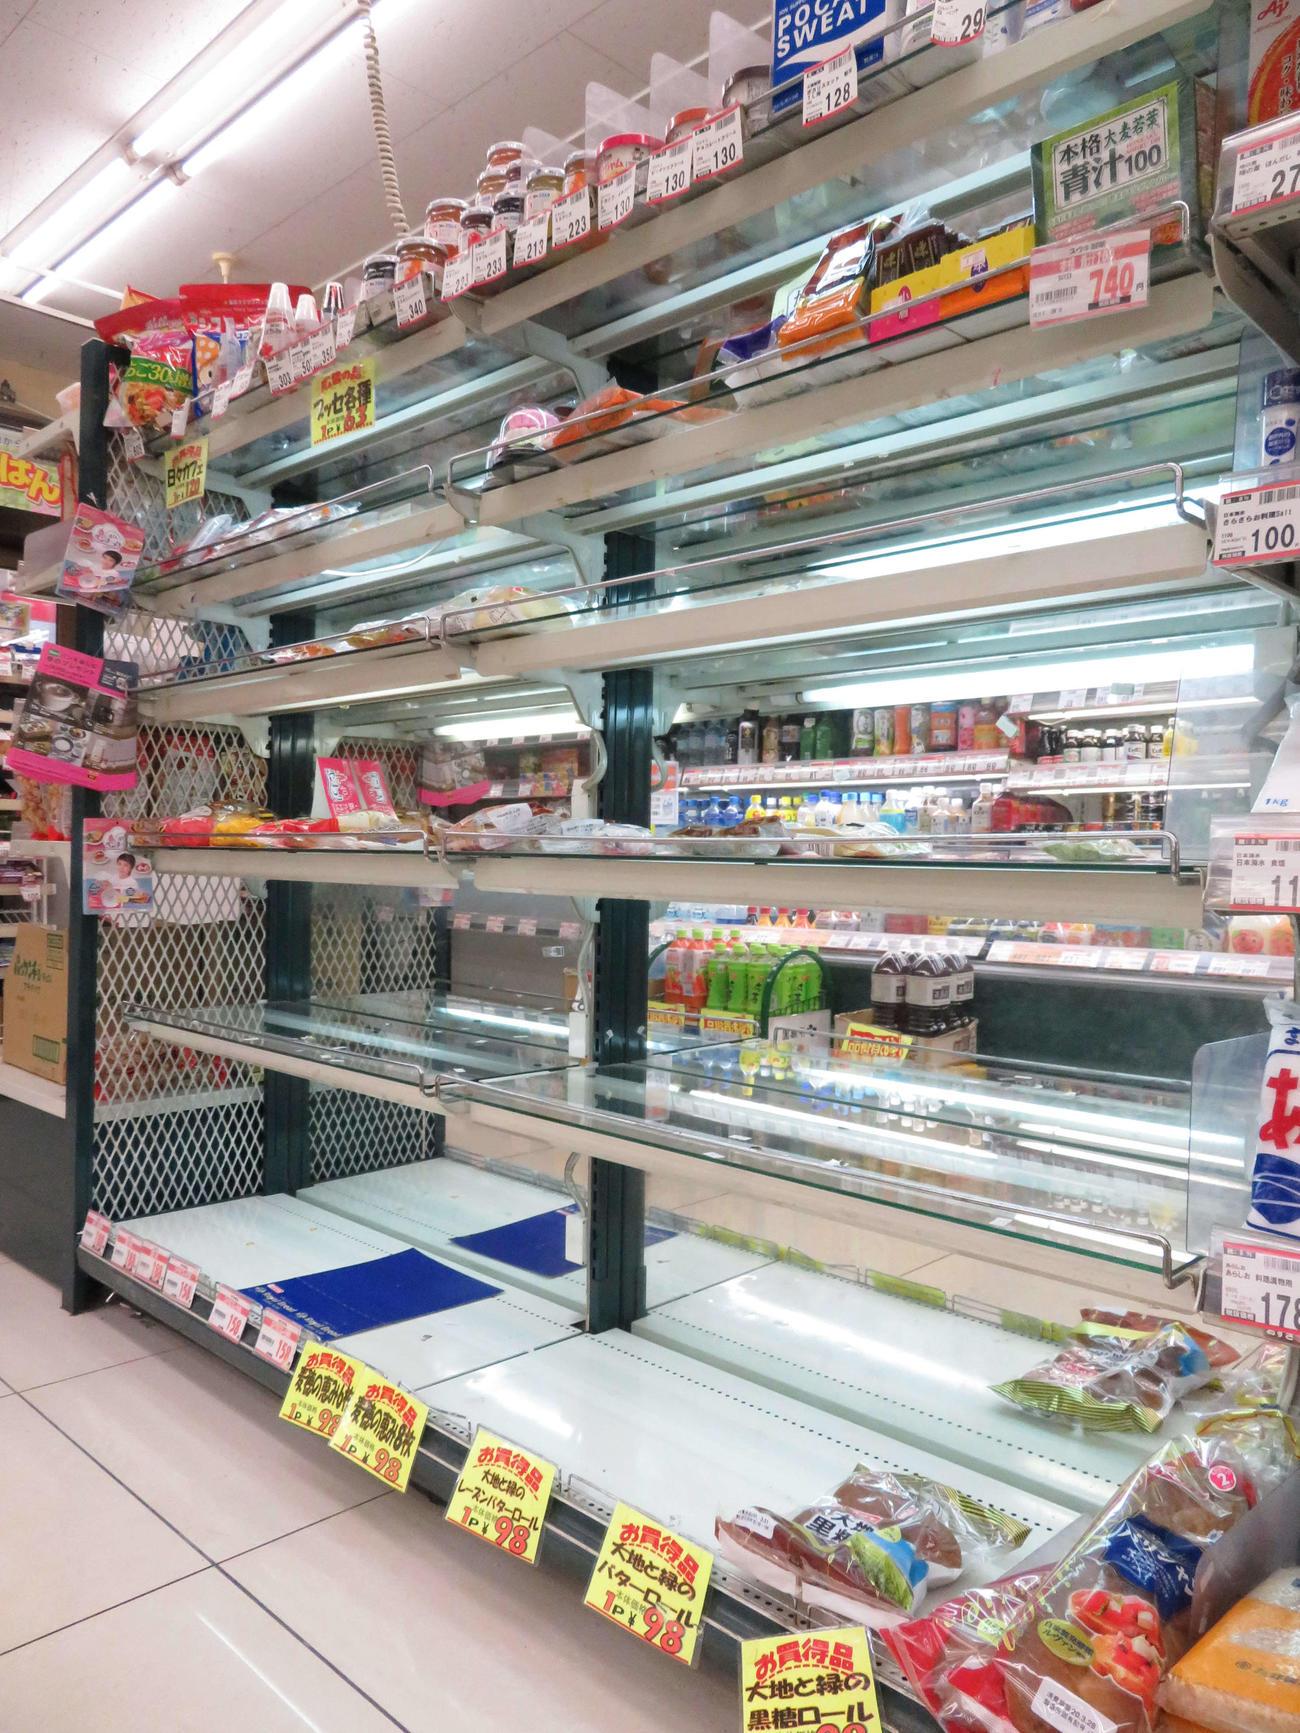 一部の菓子パンを除き、ほぼ売り切れとなったスーパー「ニューみ乃り屋」のパンコーナー